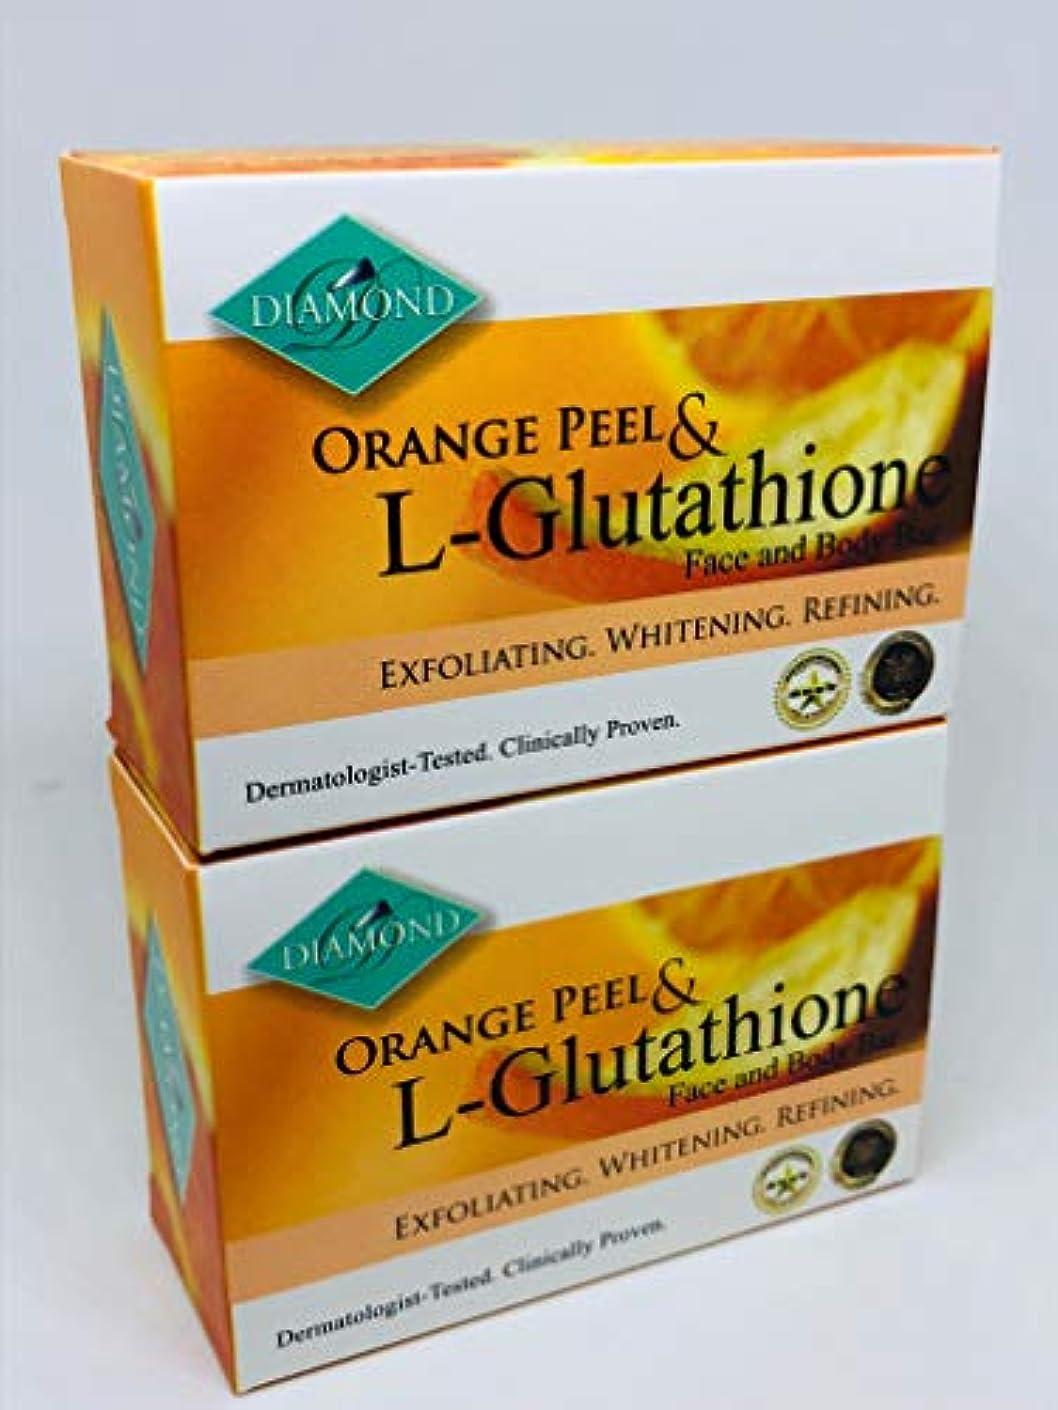 ジーンズお茶心からDIAMOND ORANGE PEEL&Glutathione soap/オレンジピール&グルタチオン配合ソープ(美容石けん) 150g×2個 正規輸入品